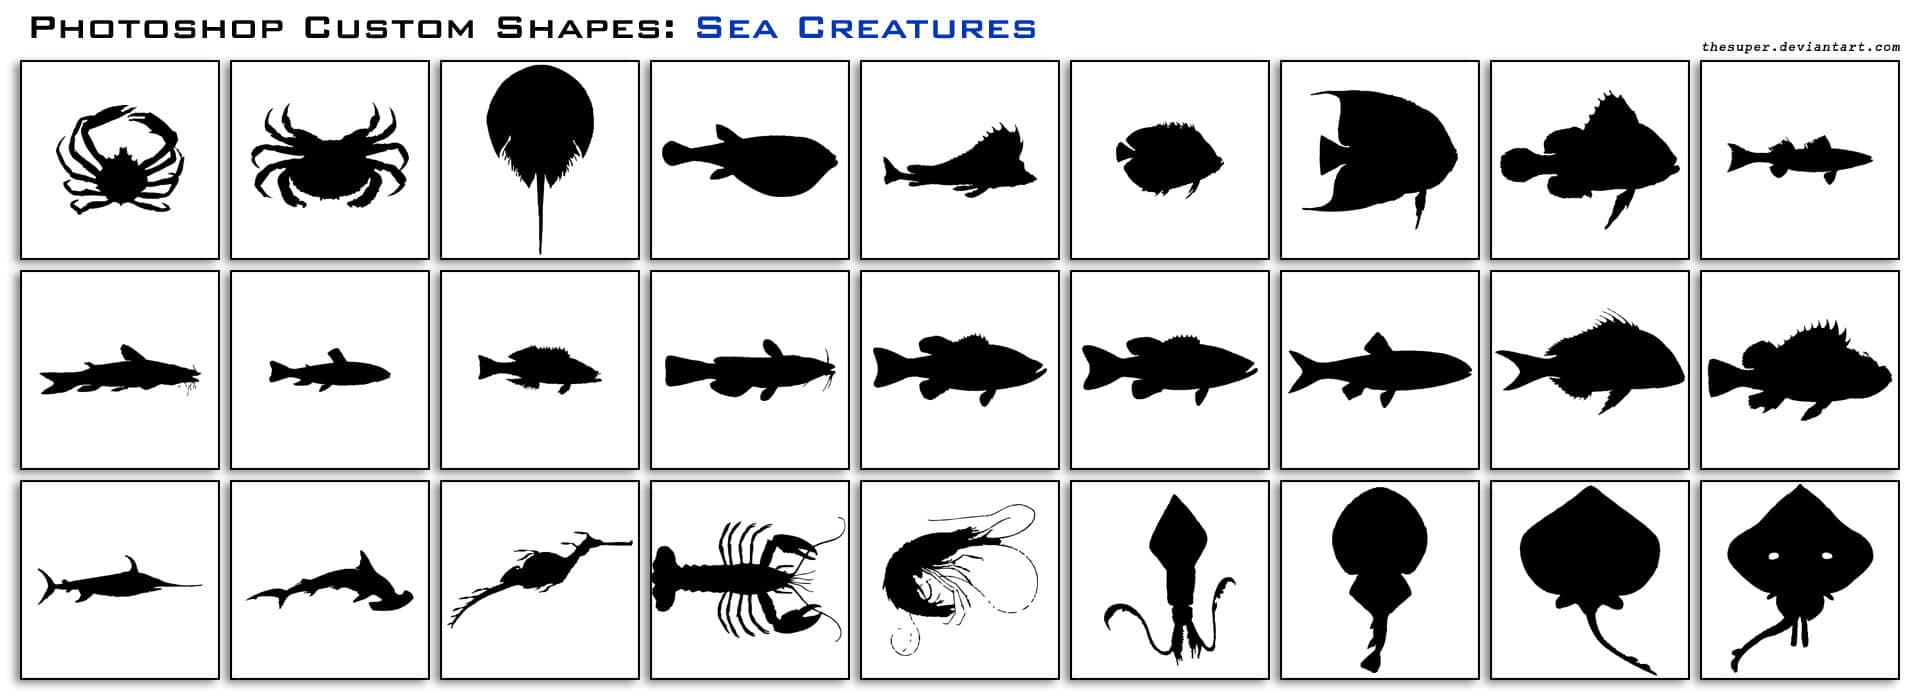 海鲜螃蟹、河豚、小丑鱼、龙虾、鲨鱼、河马、乌贼、水母等Photoshop剪影自定义形状素材